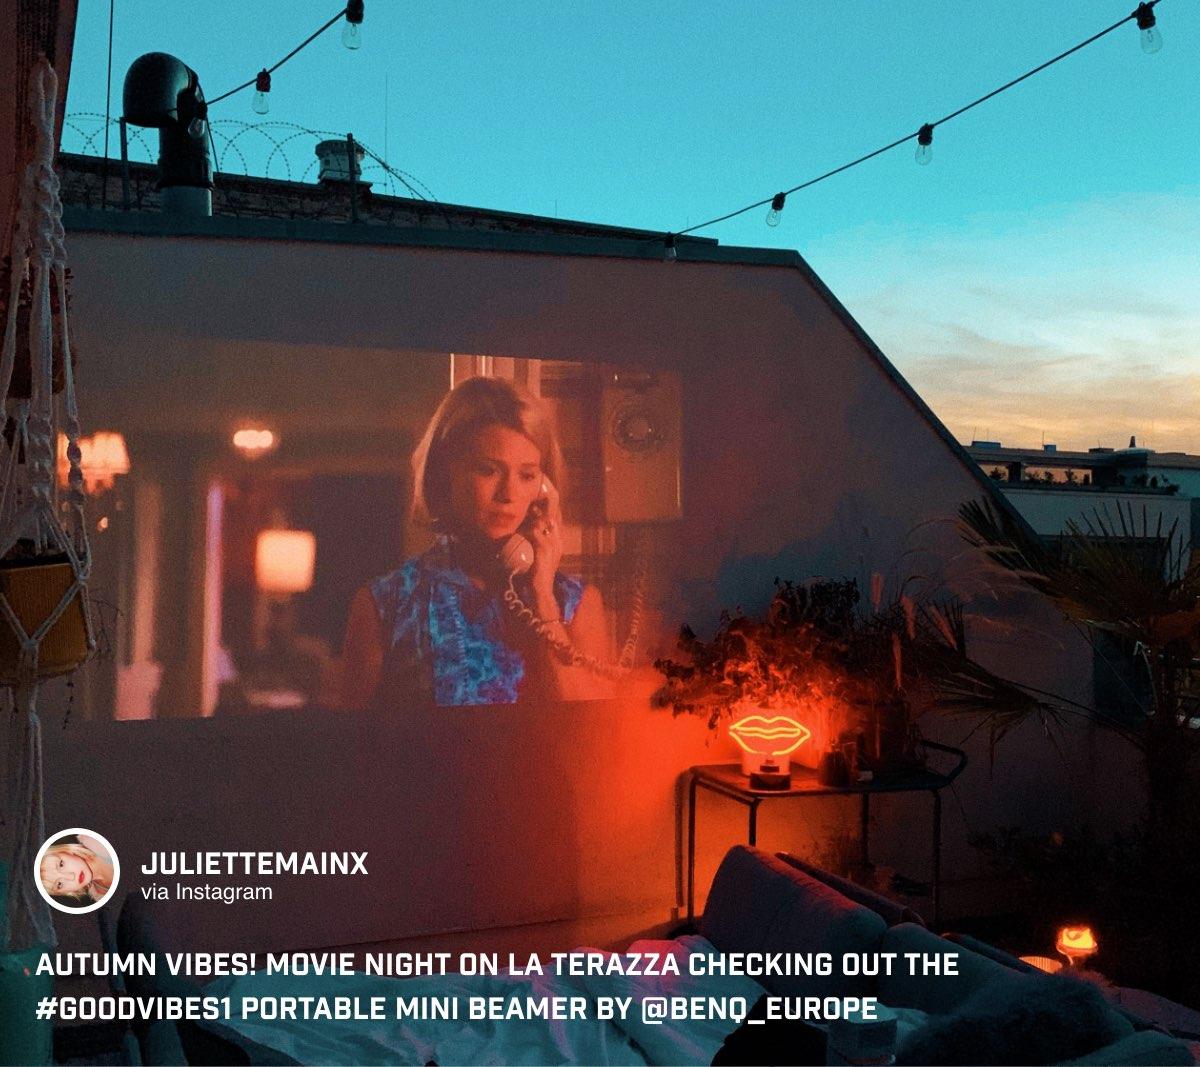 Die letzten Sonnenstrahlen genießen! @juliettemainx genießt Kinofeeling auf der Dachterasse!